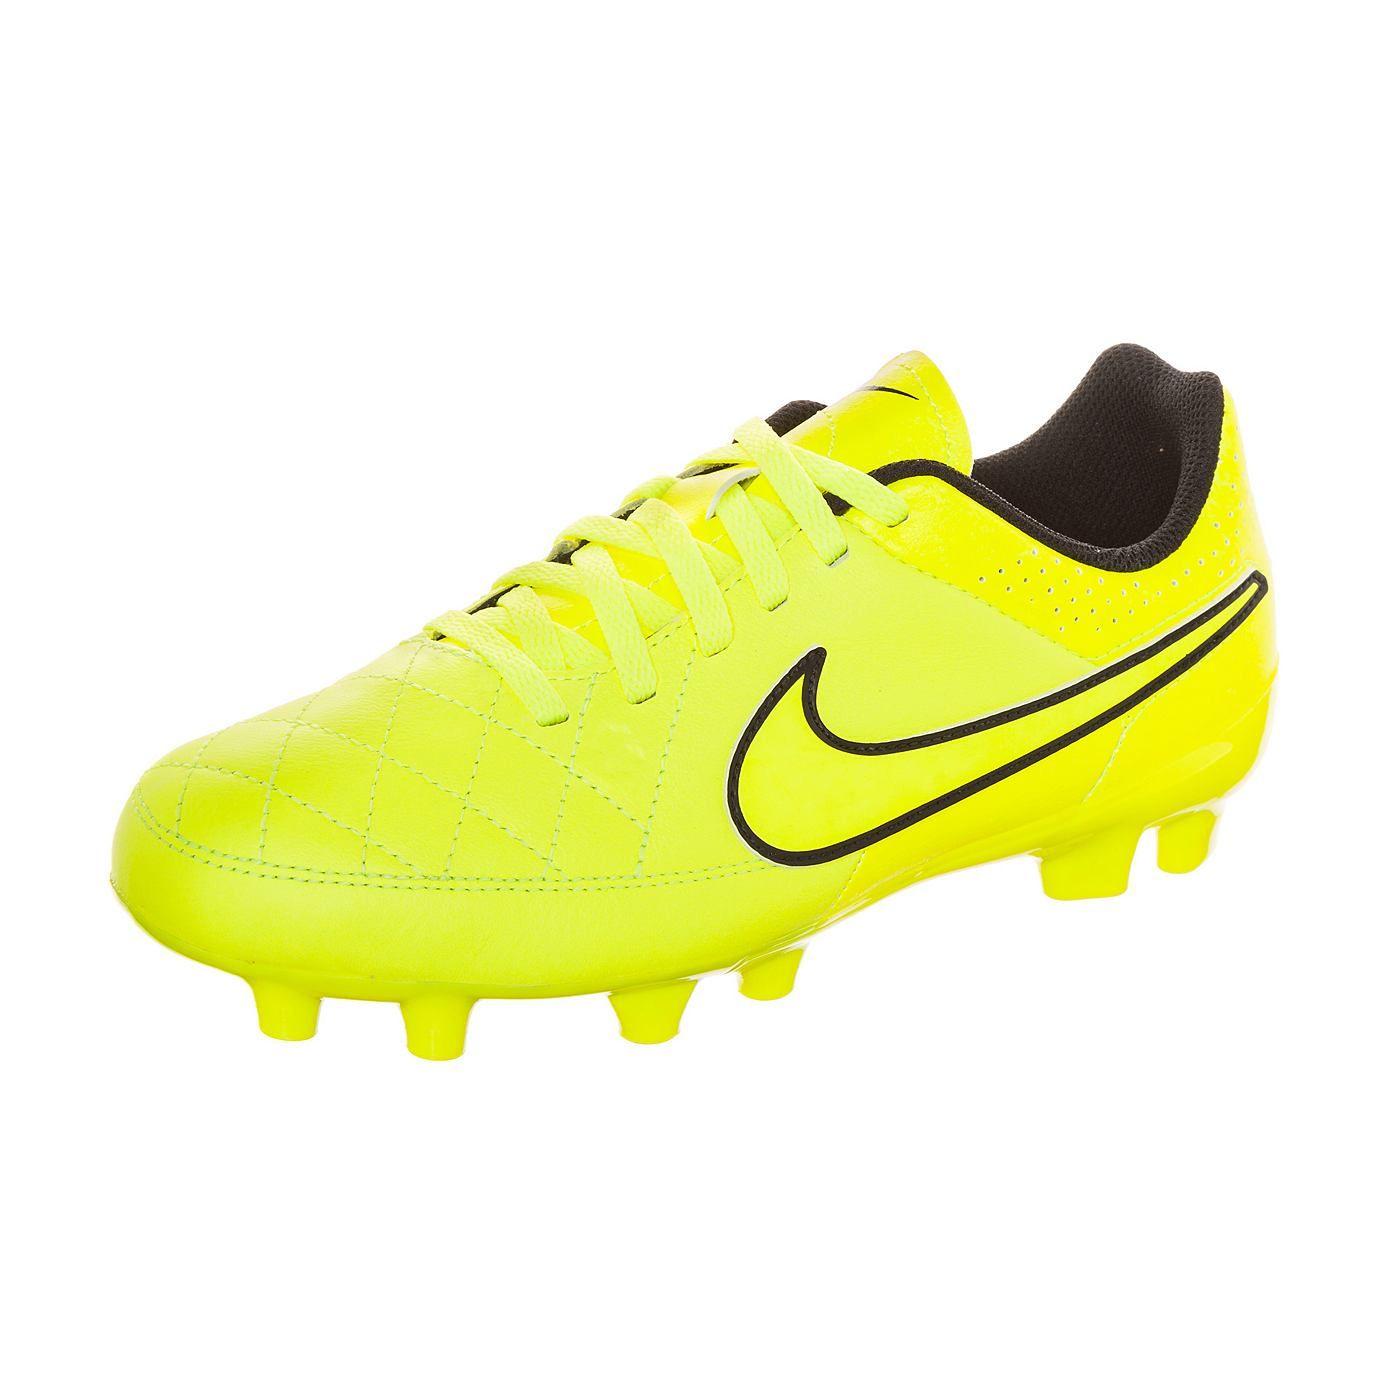 HerrenMax Nike Genio FG Tiempo Leather II Fußballschuh Y2ebWEDH9I